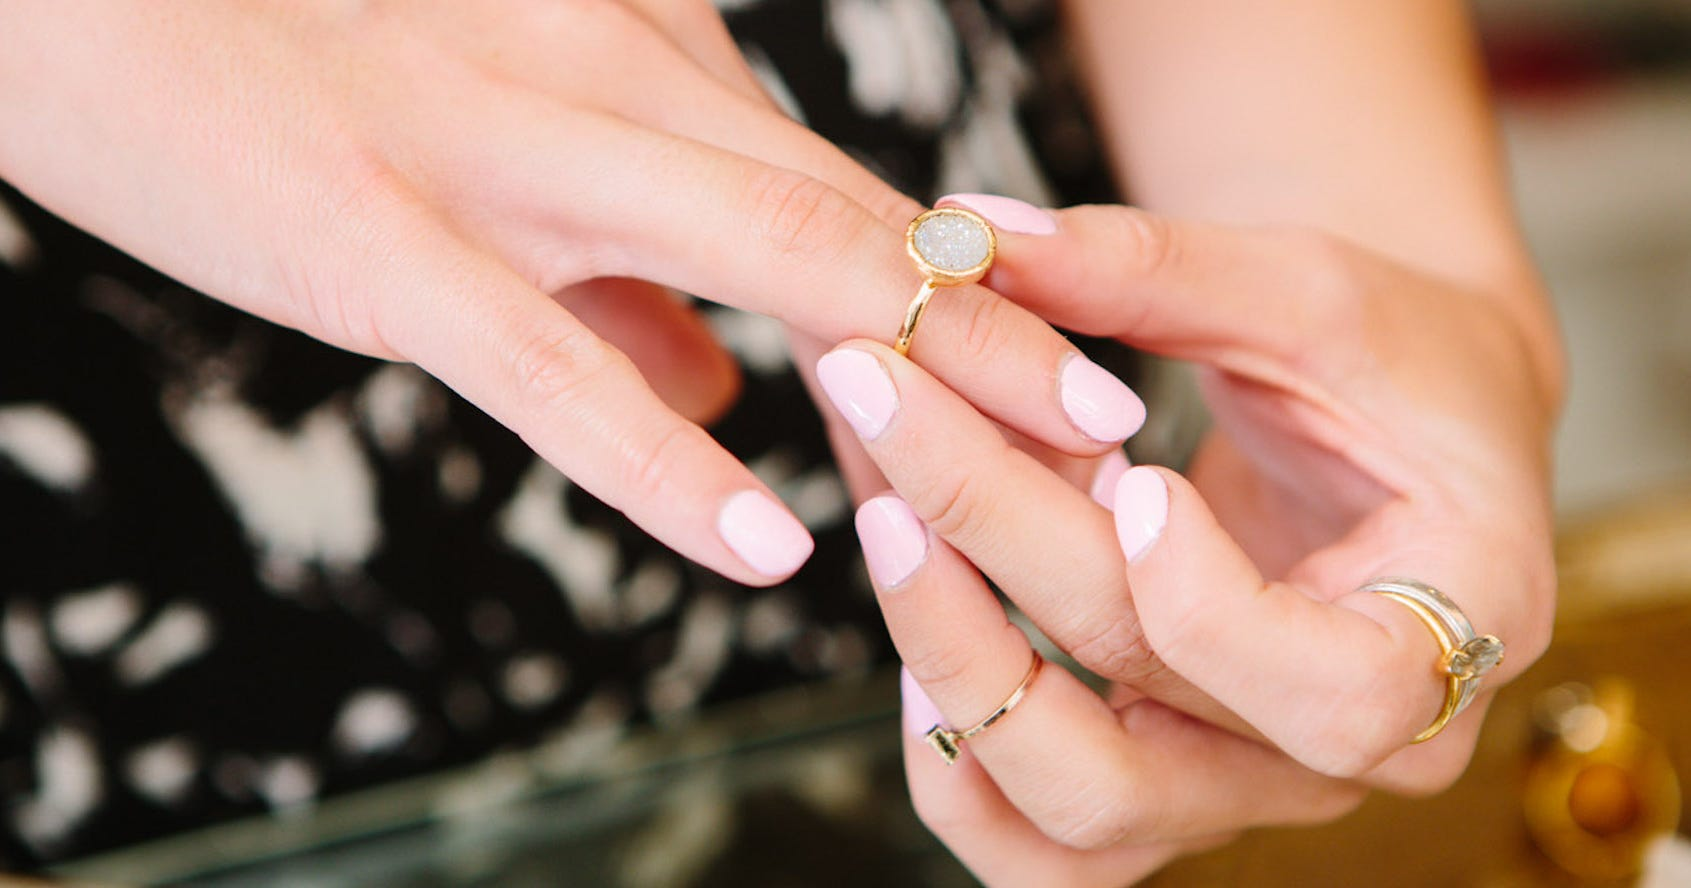 Sotheby Pinkfarbener Diamant Ist Der Teuerste Der Welt